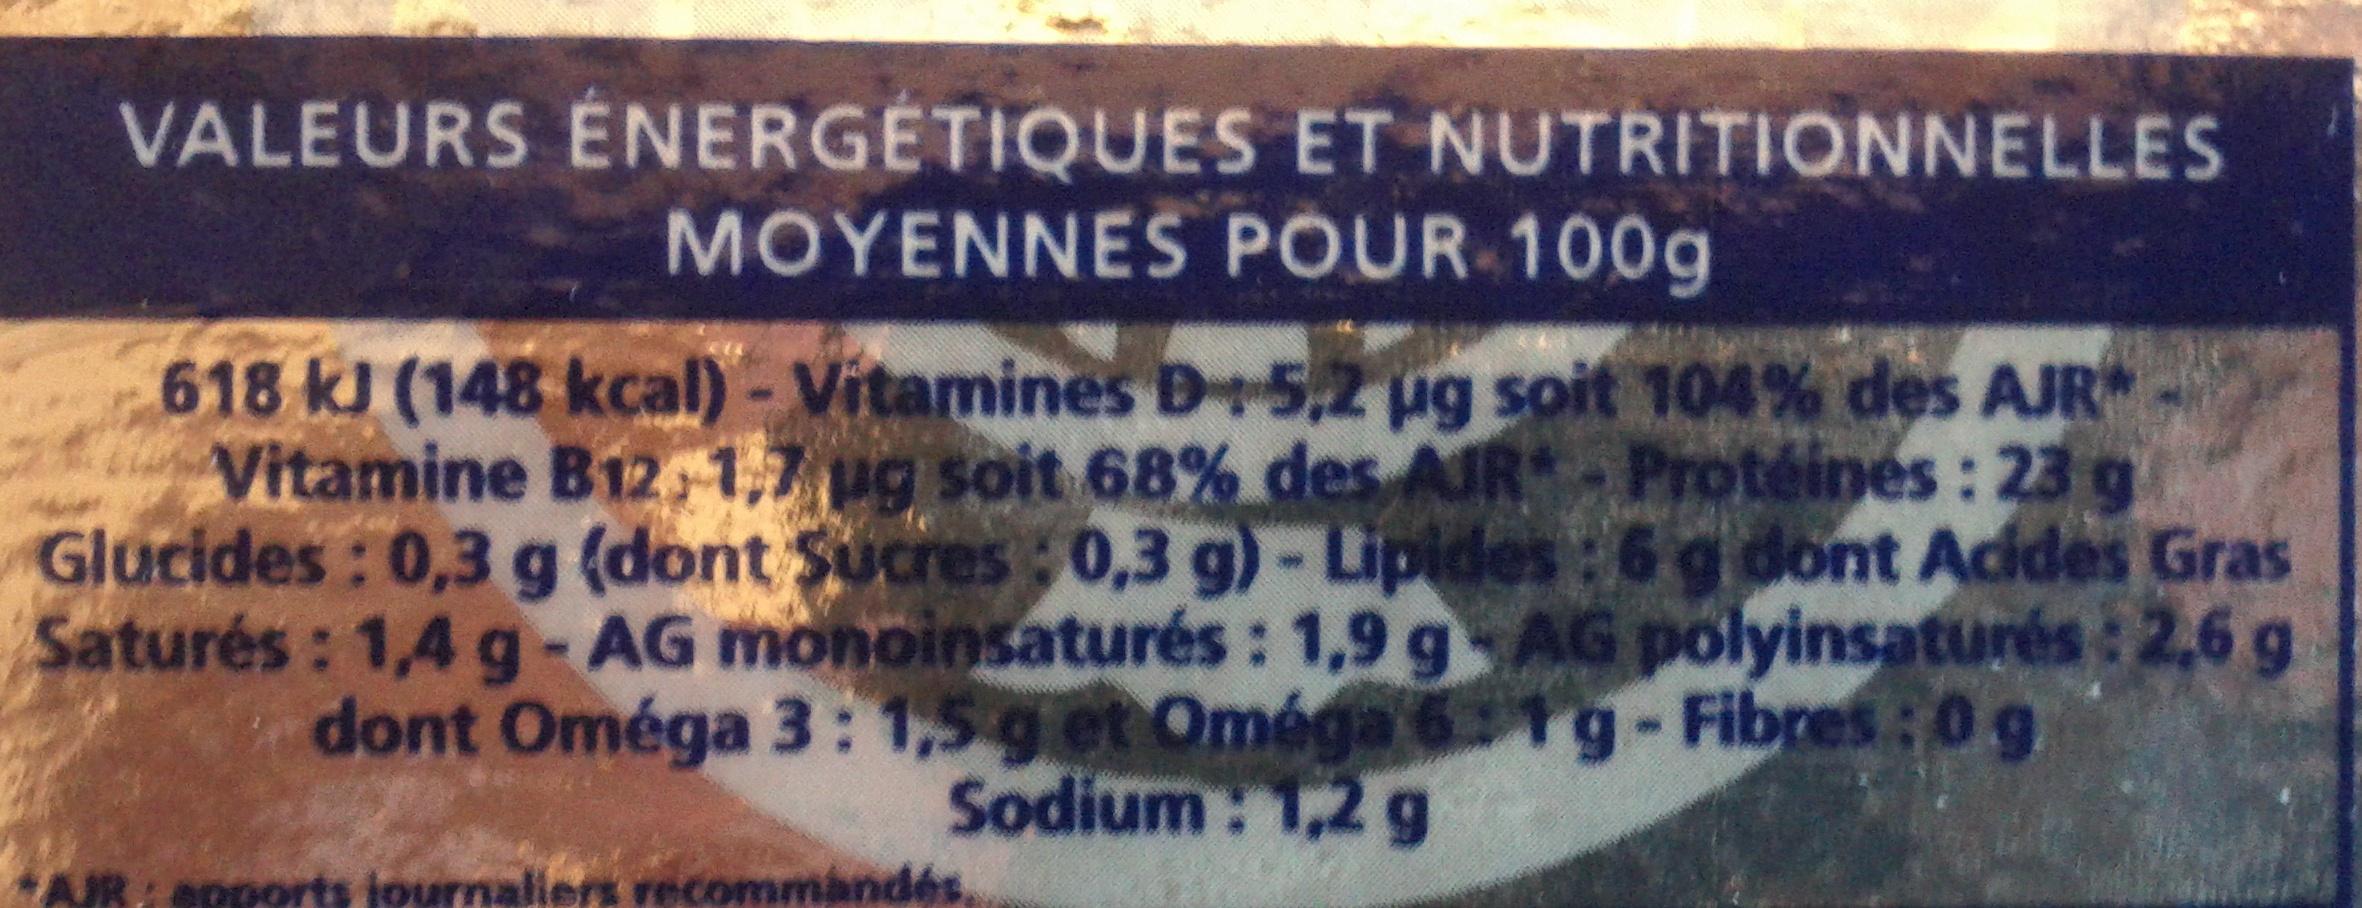 Truite fumée au bois de hêtre (6 tranches) - 150 g - Informations nutritionnelles - fr